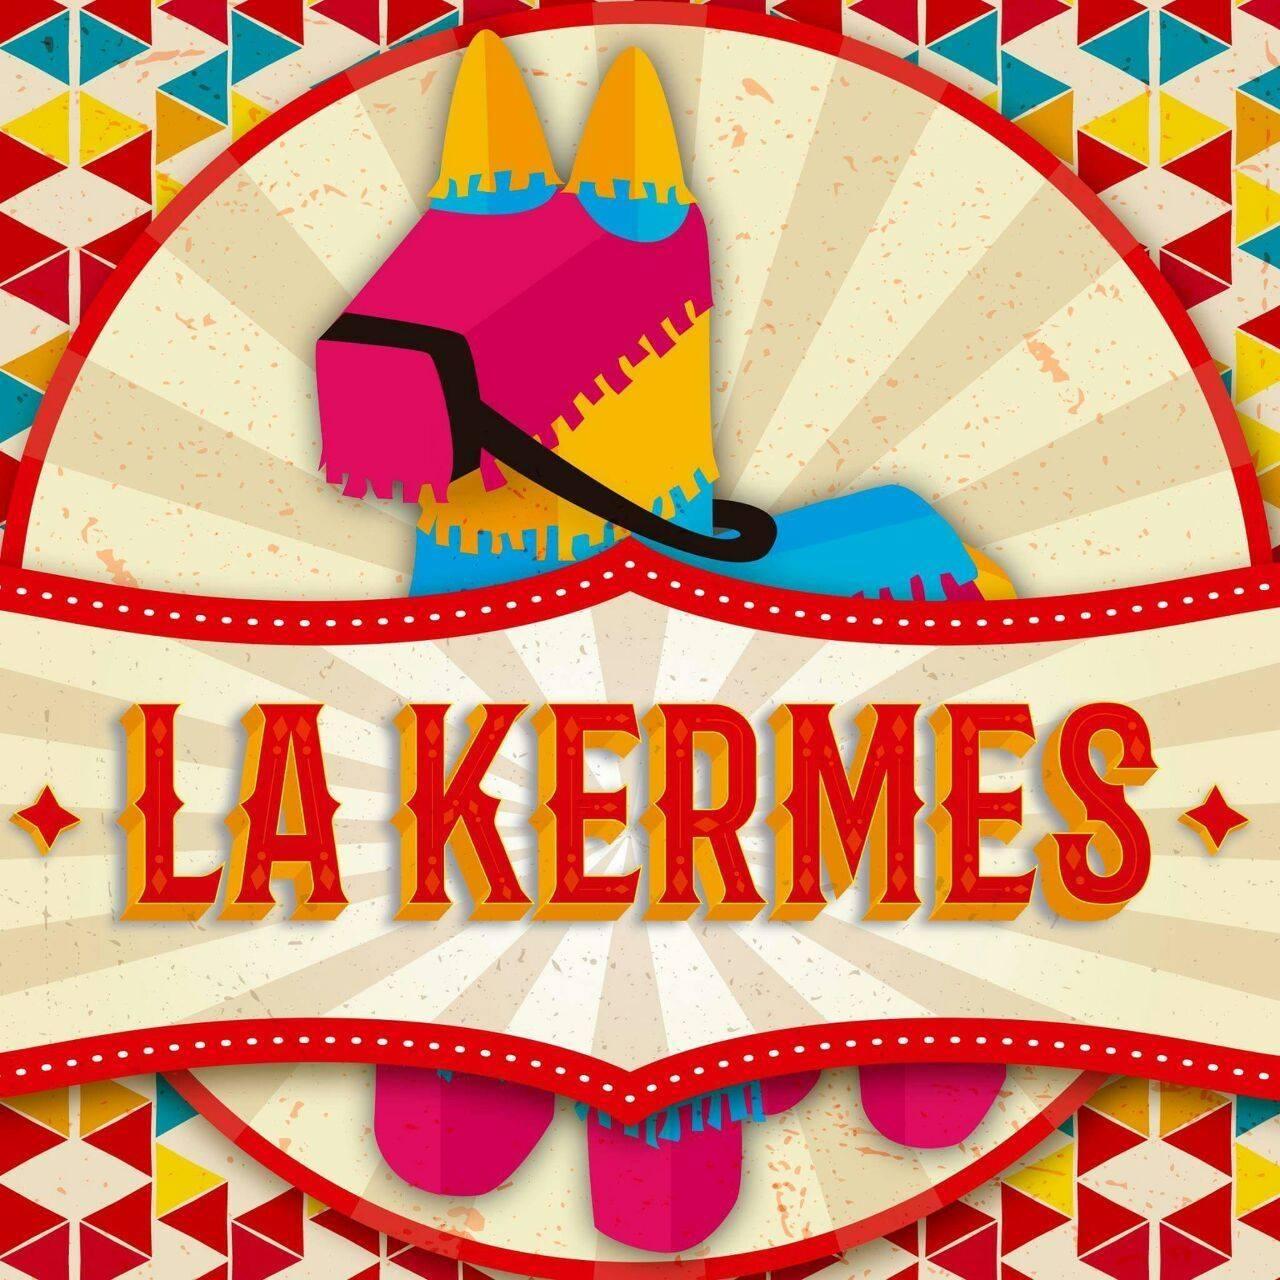 La Kermes 2017 Trafico Zmg